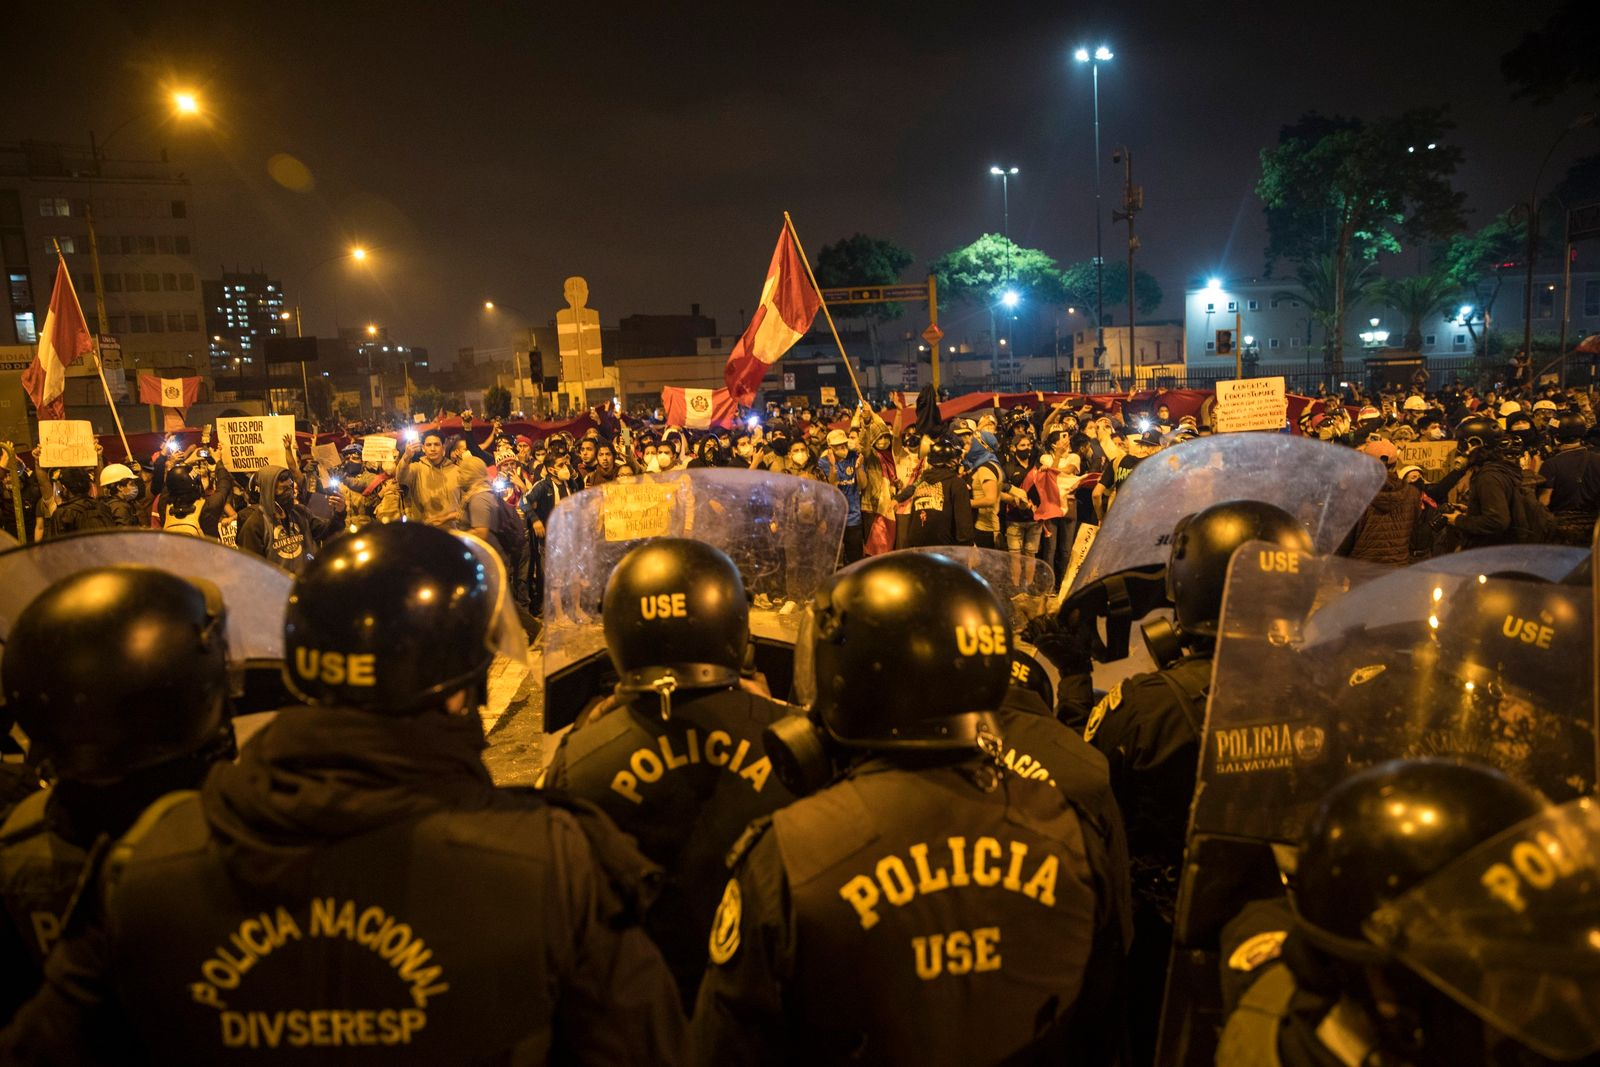 Protest in Peru